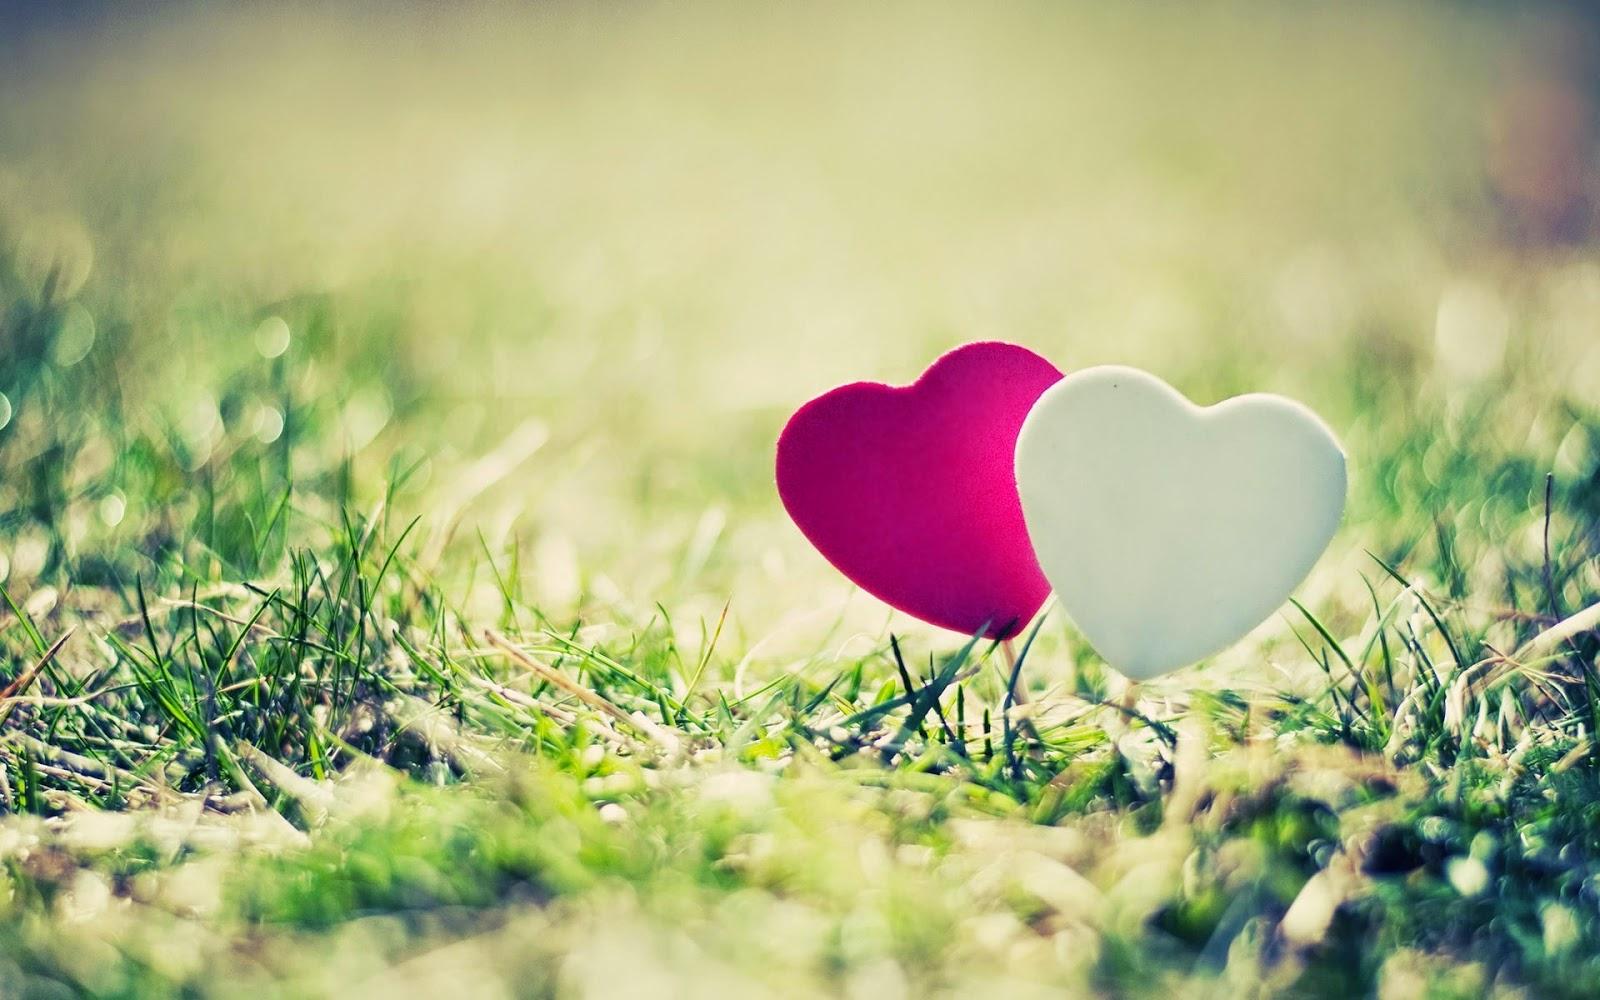 Frases de amor, corazón, perfume, sonrisa, recuerdo.